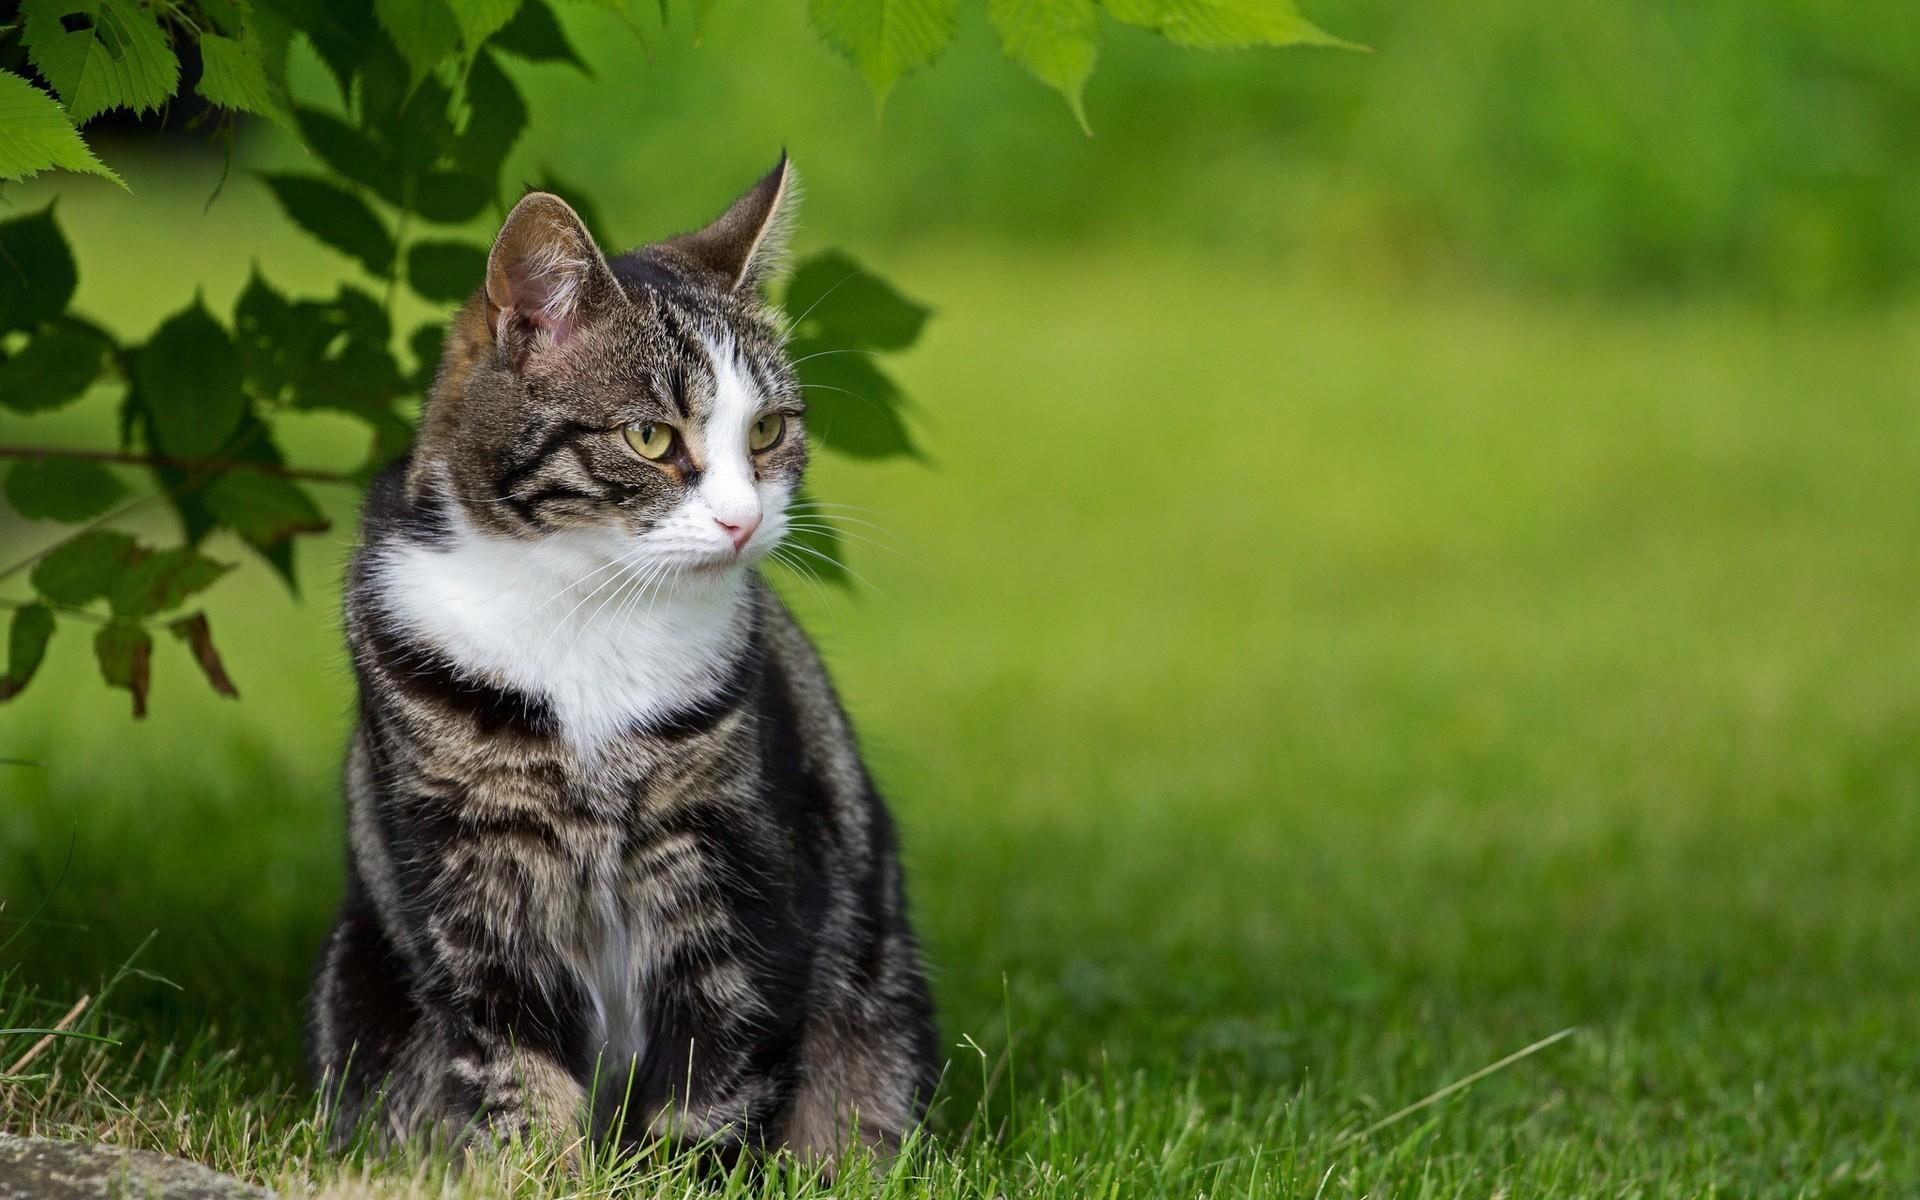 красивые коты на обои повседневной суеты